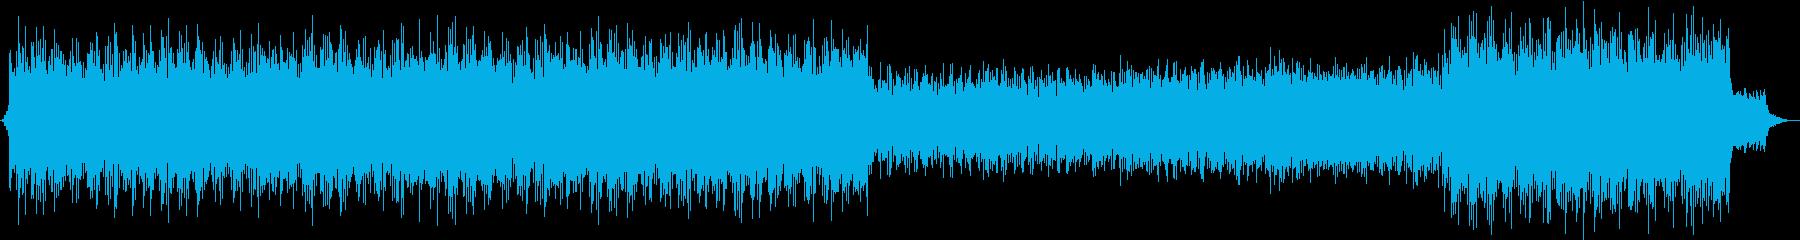 感動的なピアノ音楽。の再生済みの波形